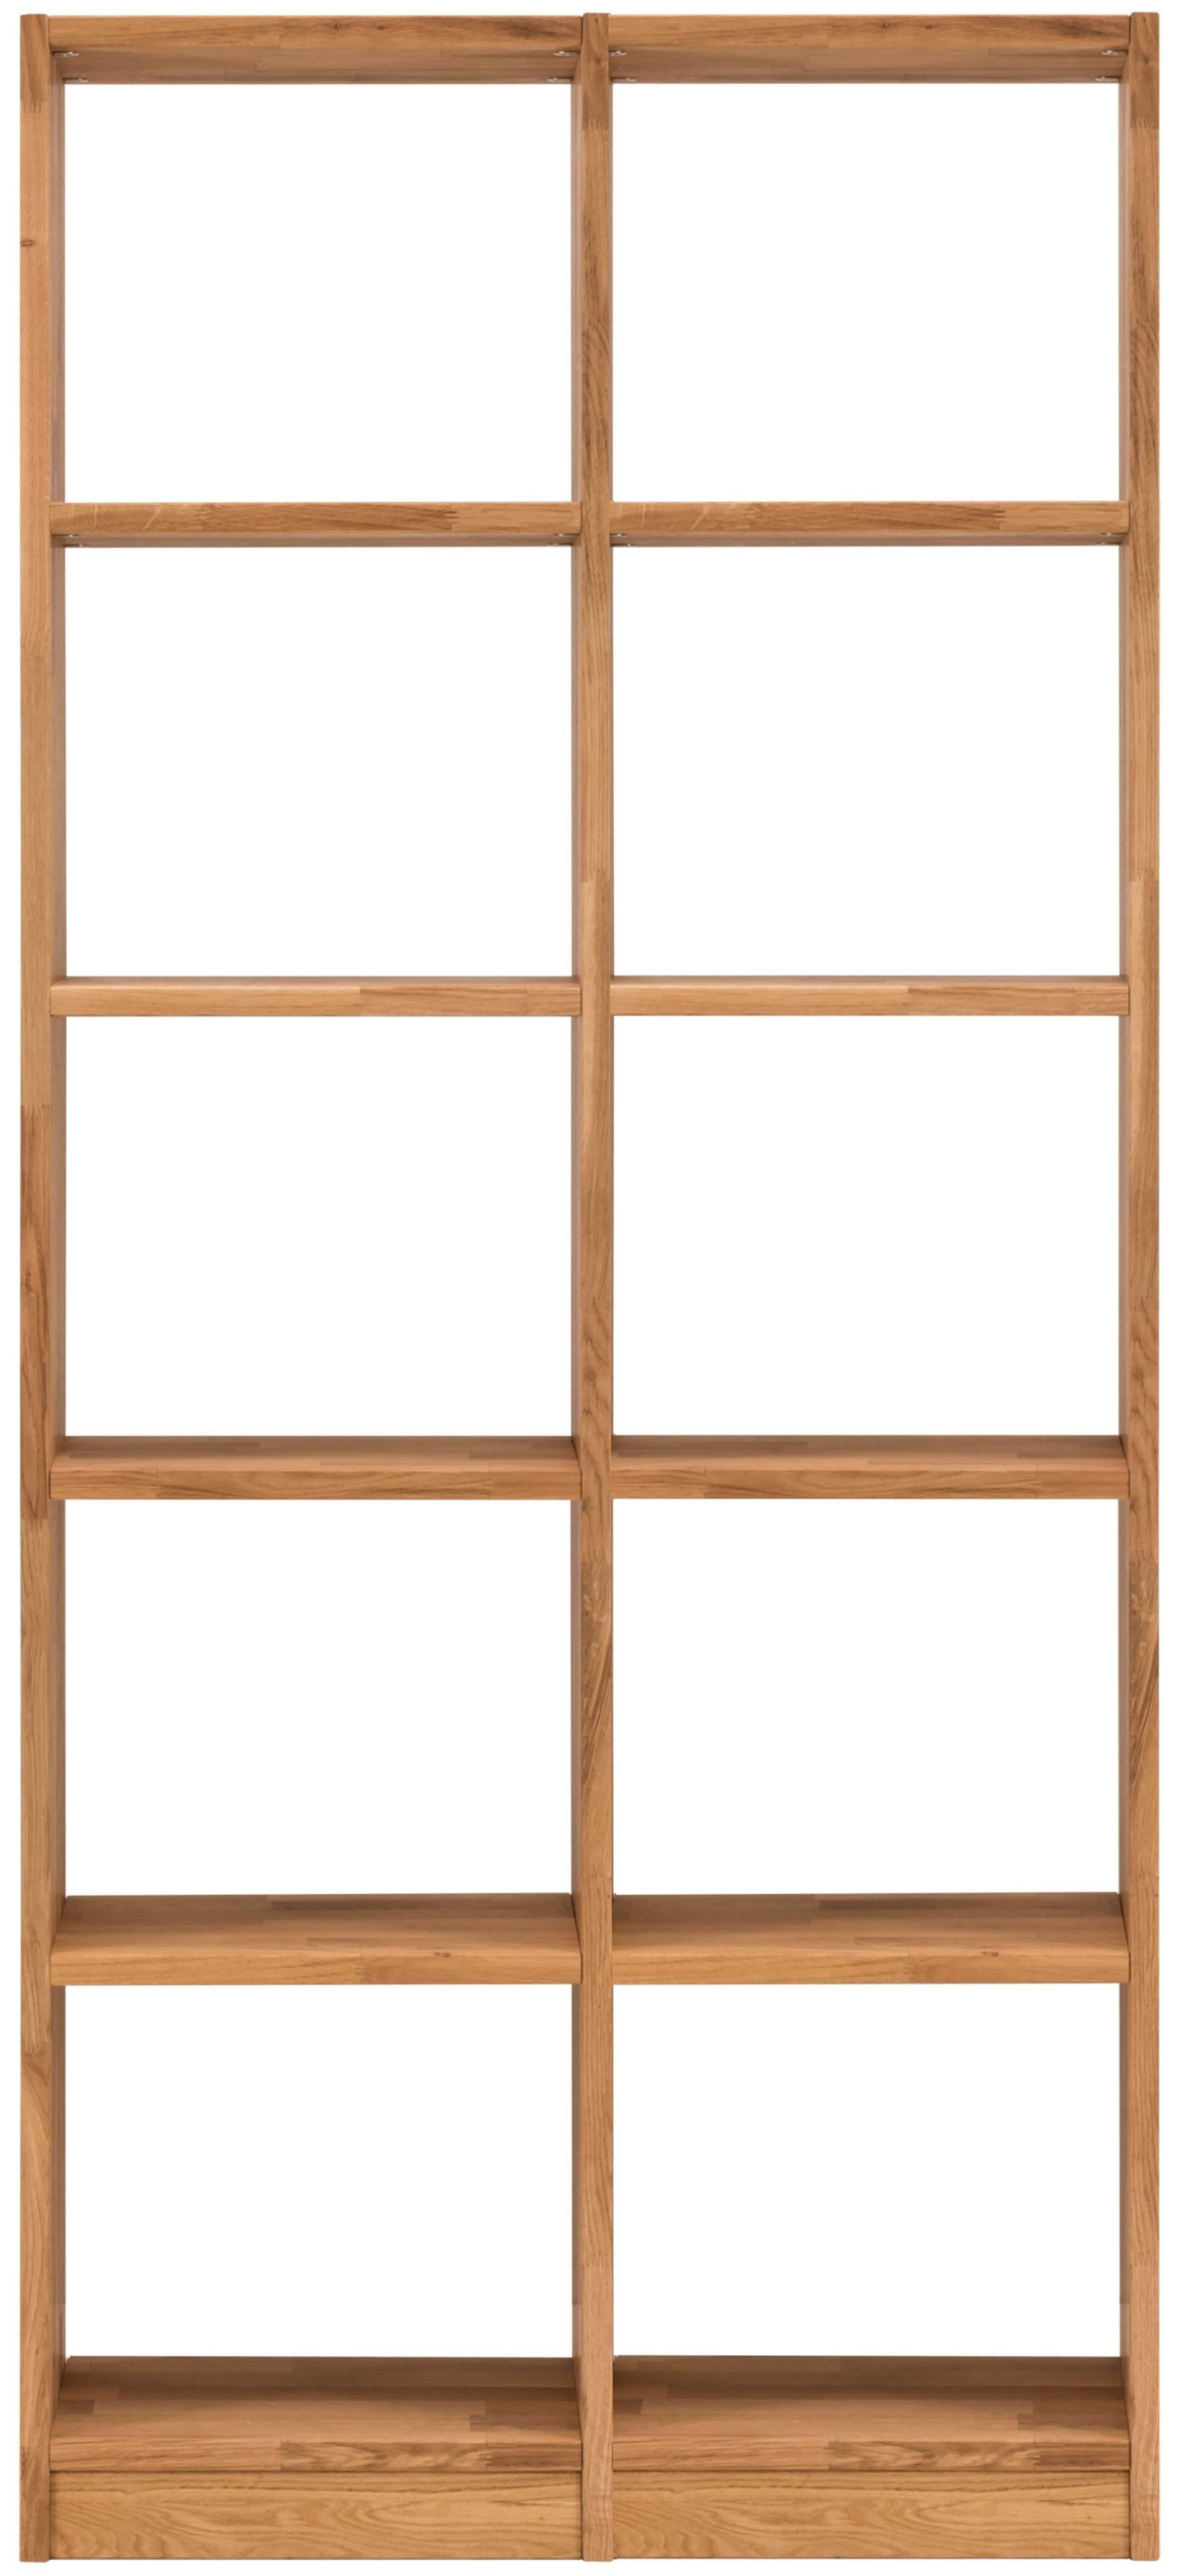 Premium collection by Home affaire Regalelement »Ecko«, Breite 92 cm, mit 10 Fächern